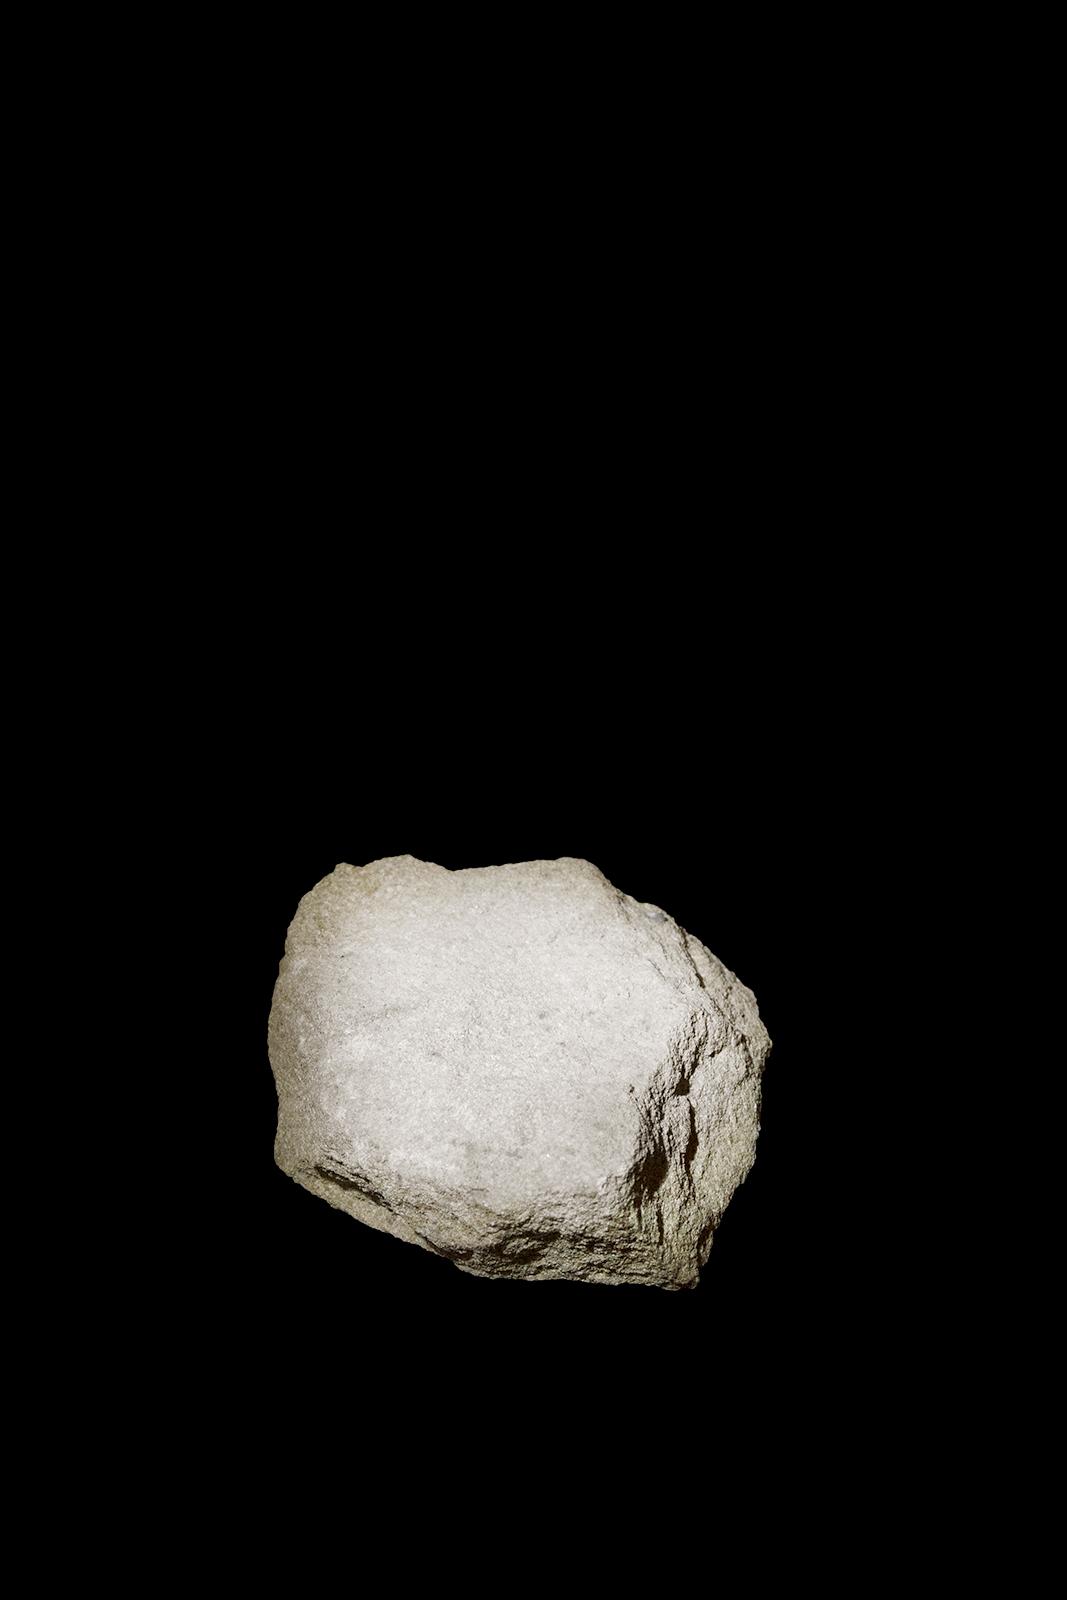 Пісковик, кар'єр поблизу берега річки Сіверський Донець/ Sandstone, a quarry near the riverside of Siverskyi Donets